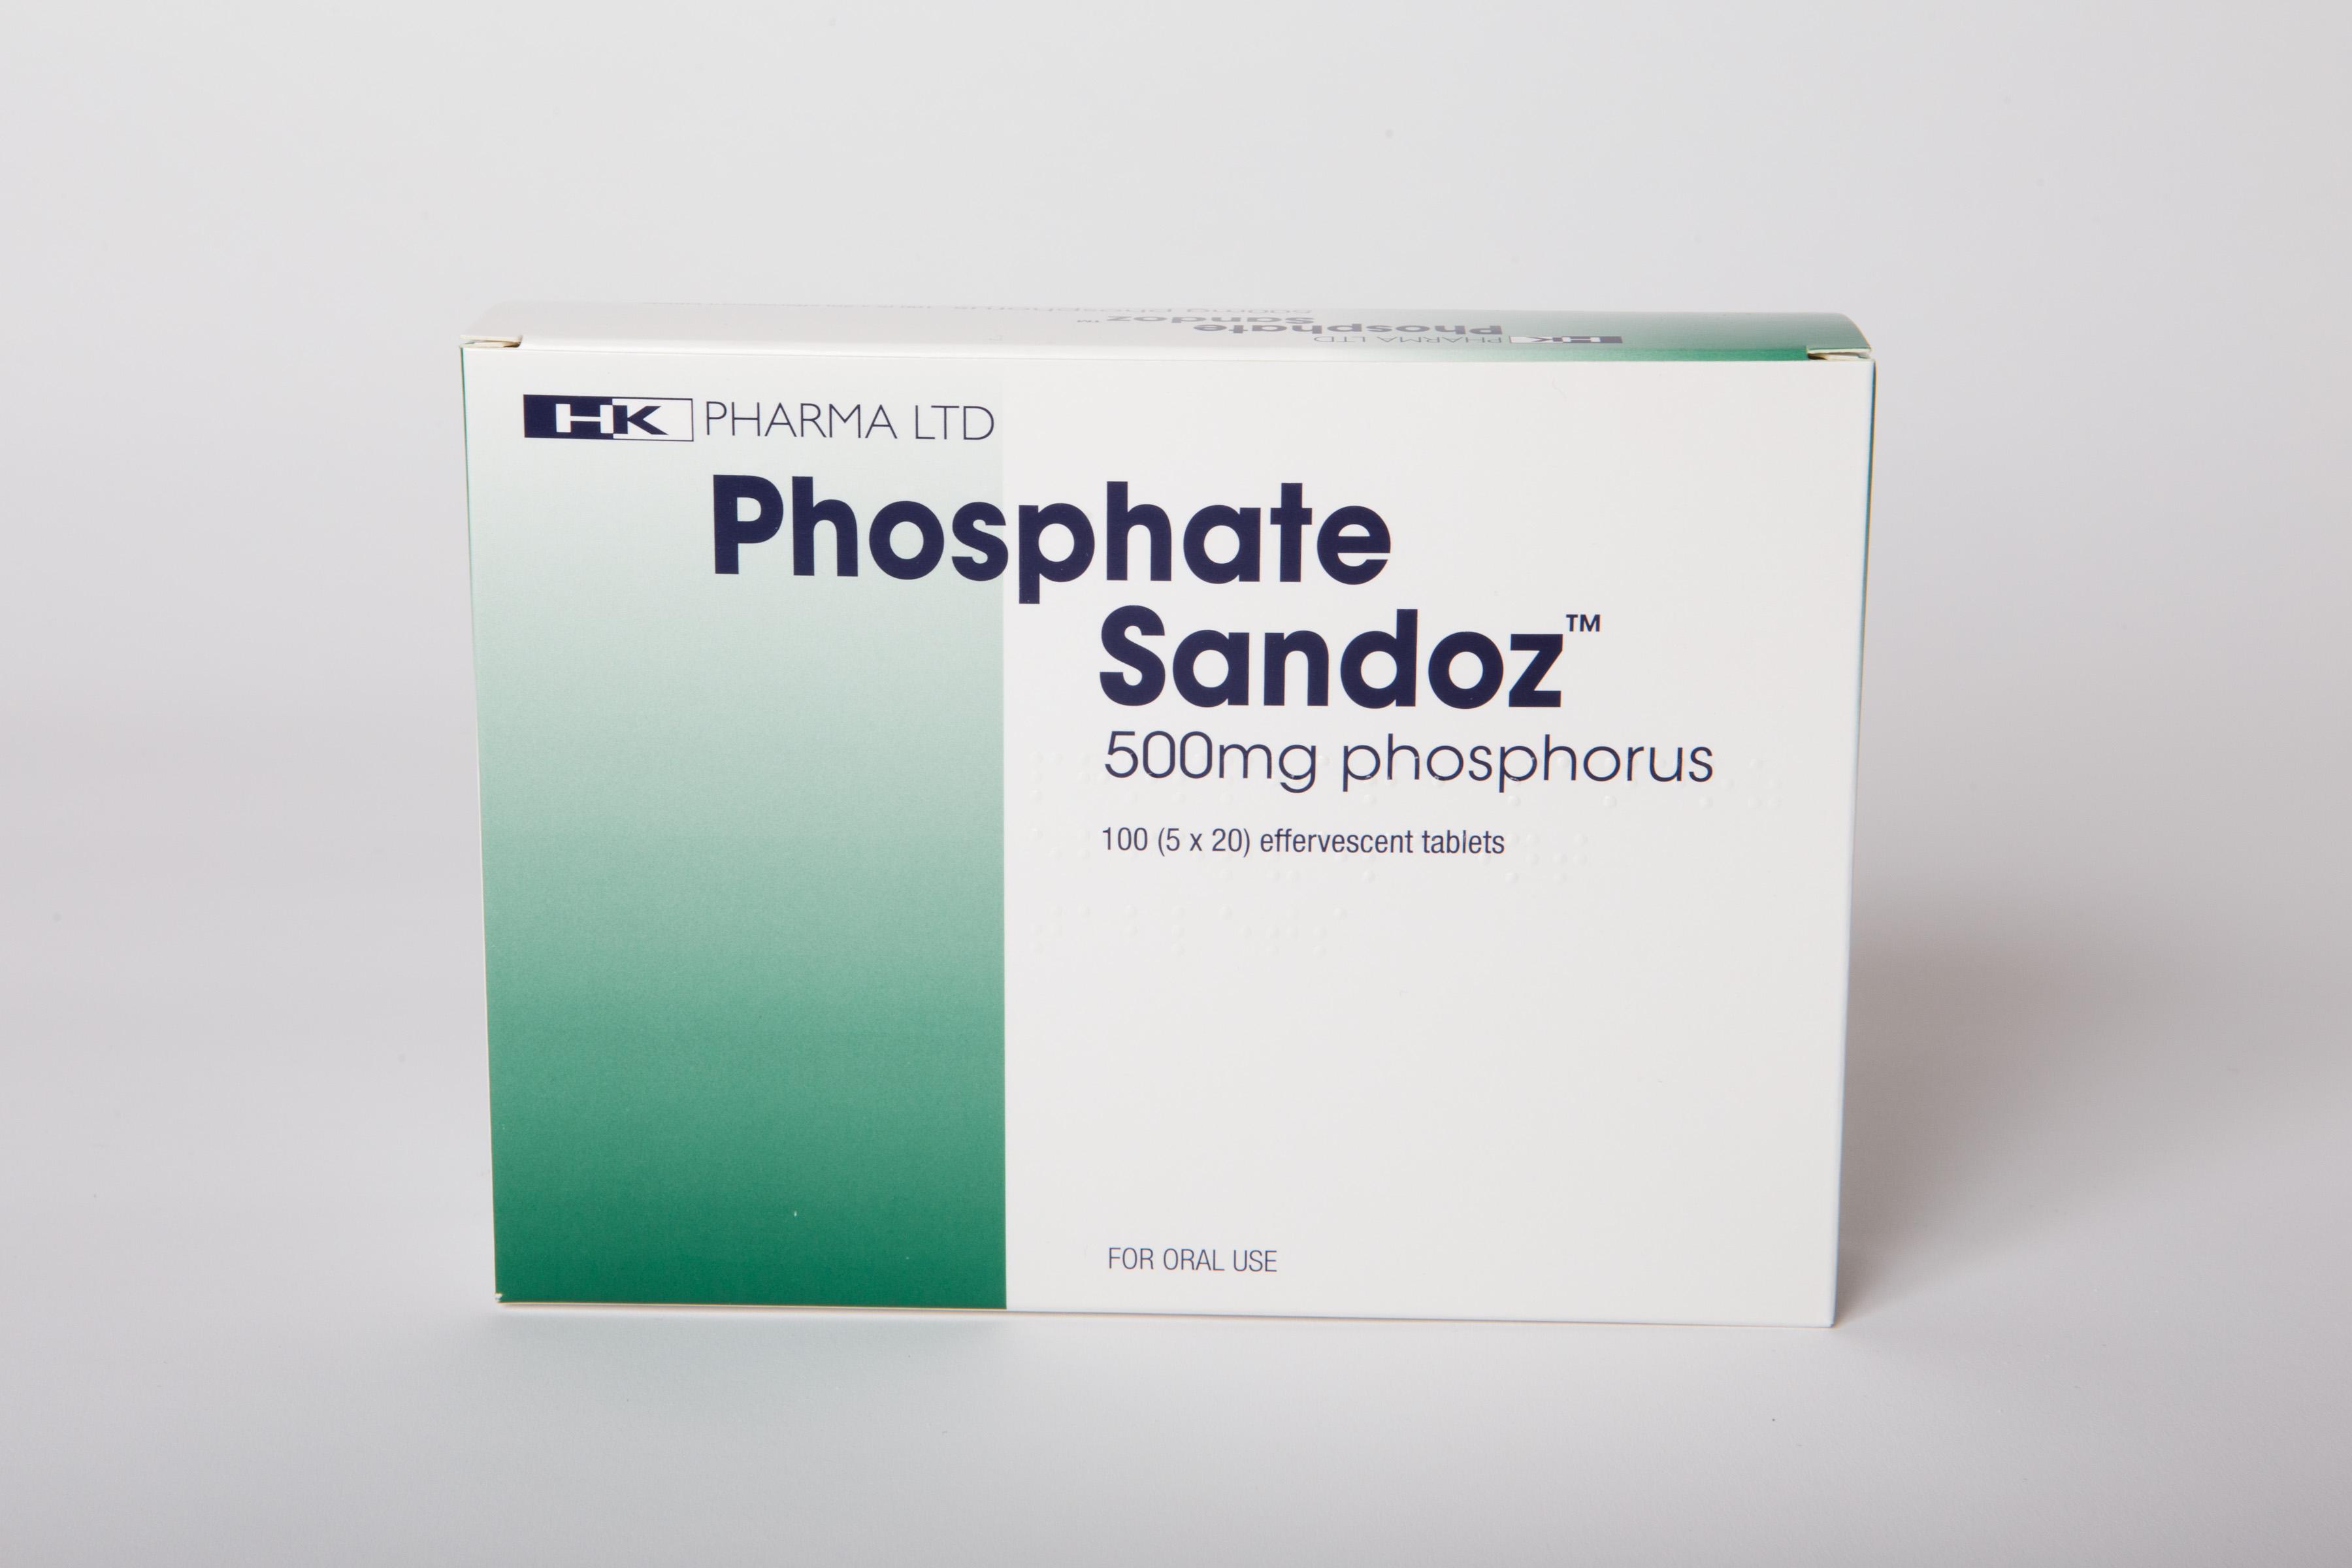 PHOSPHATE SANDOZ™